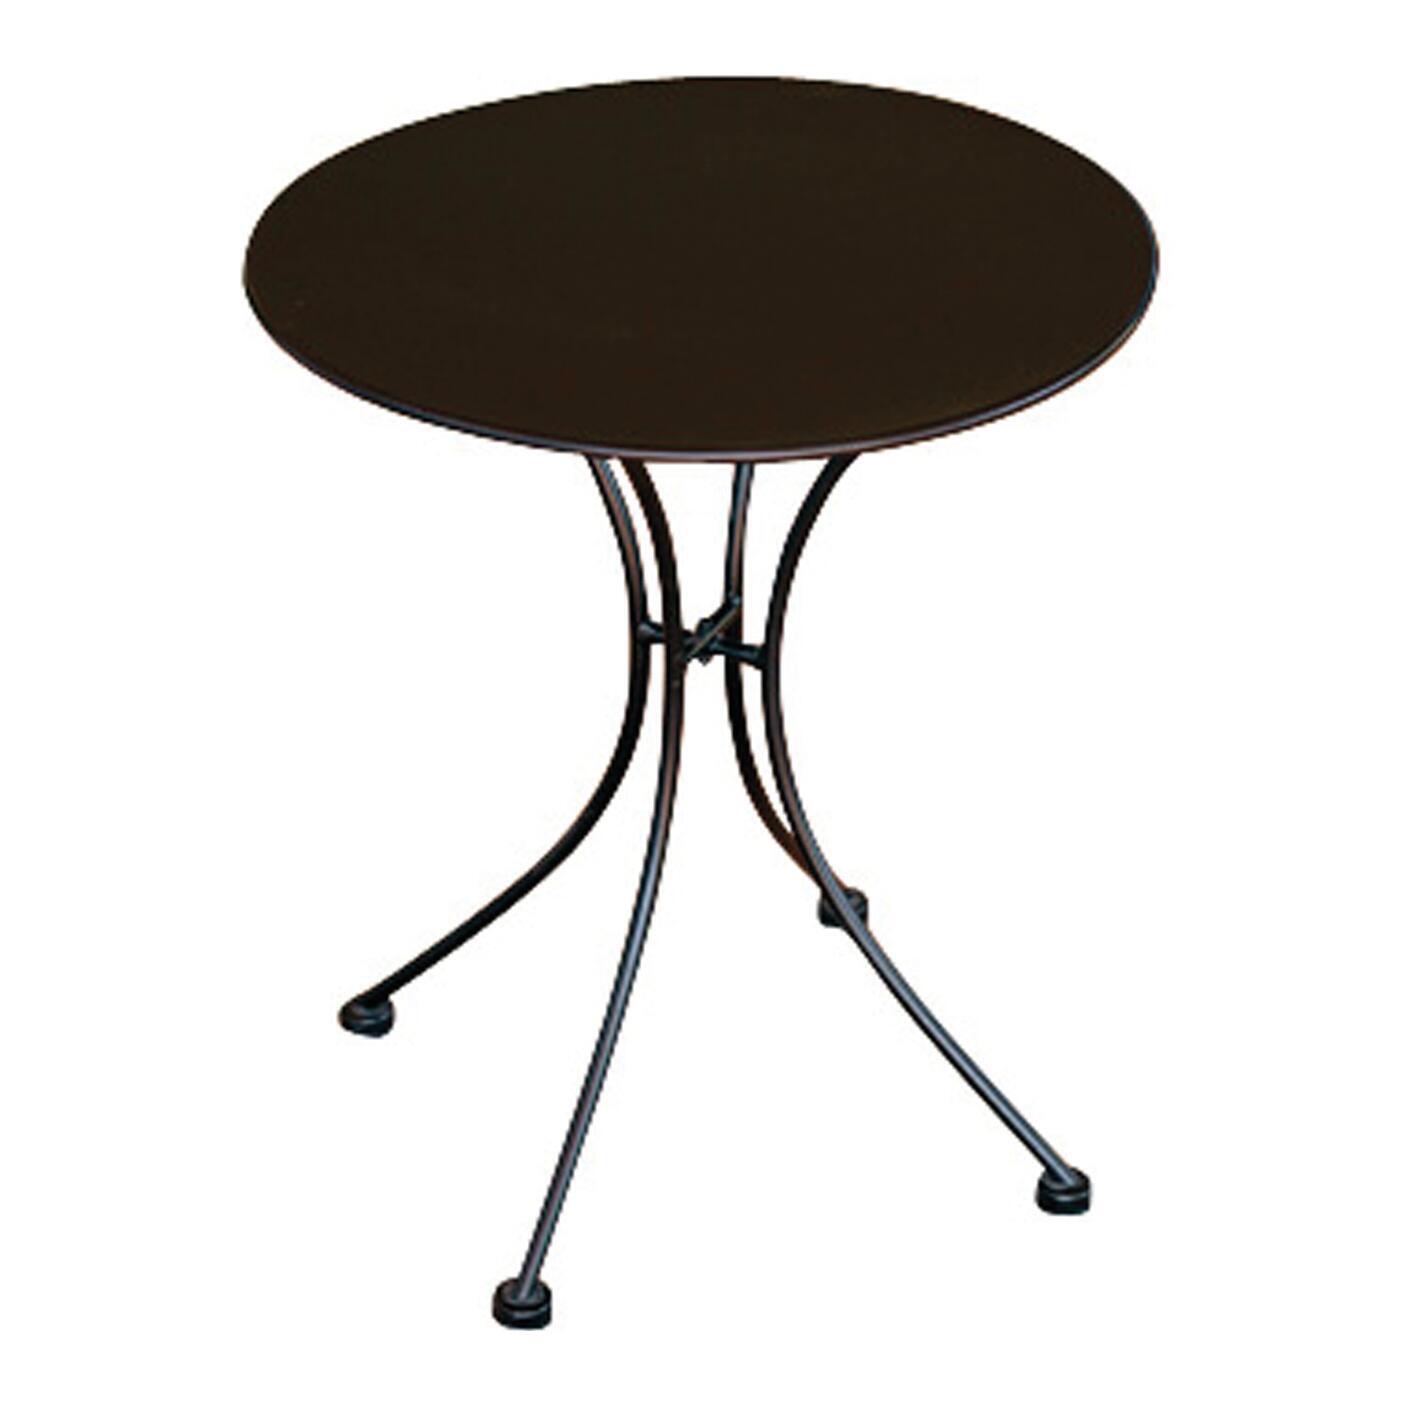 Tavolo da giardino tondo con piano in ferro Ø 60 cm